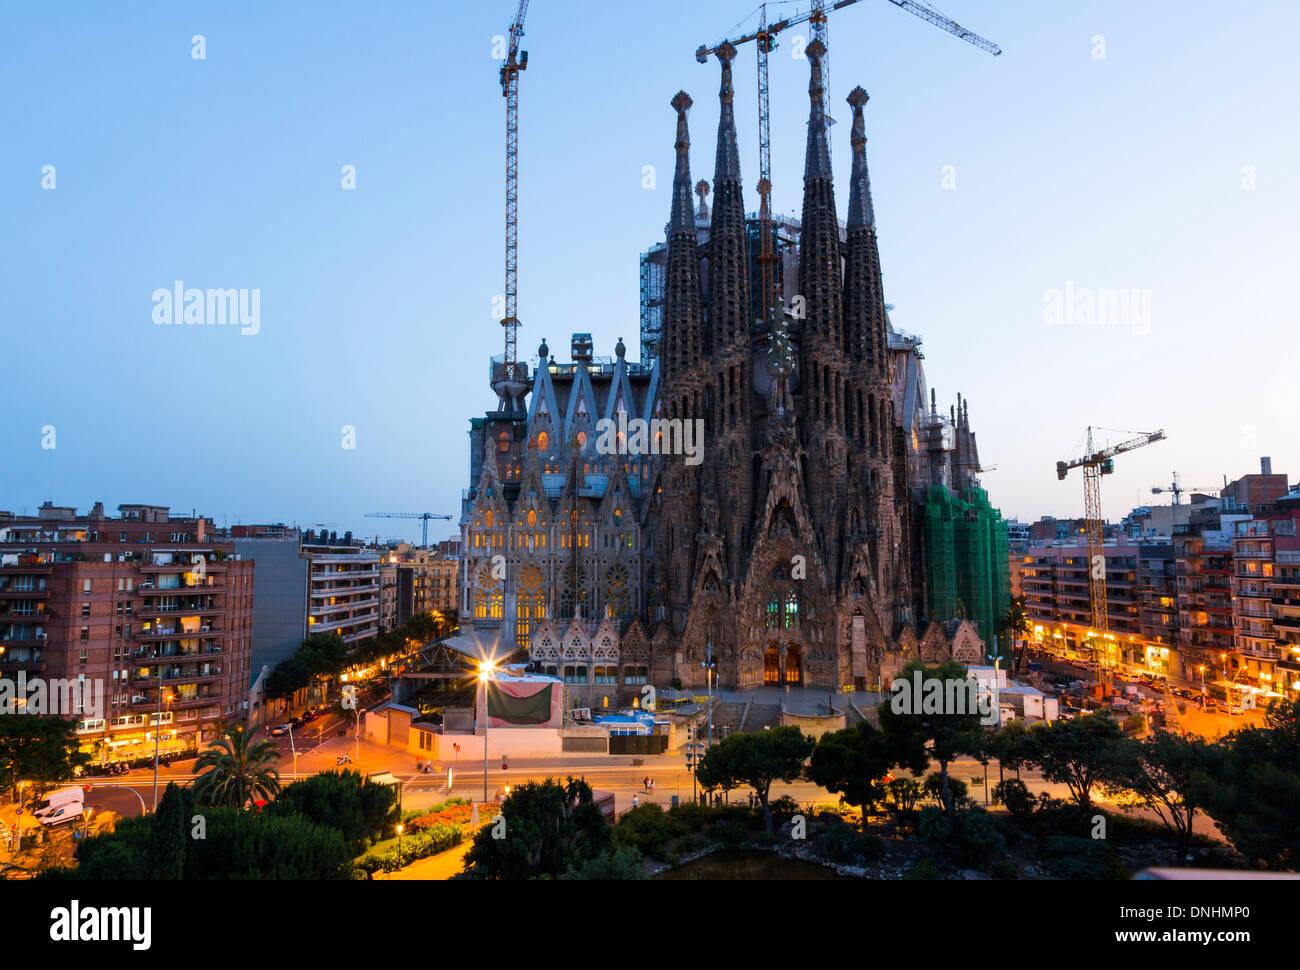 La Chiesa in una città, Sagrada Familia di Barcellona, in Catalogna, Spagna Foto Stock